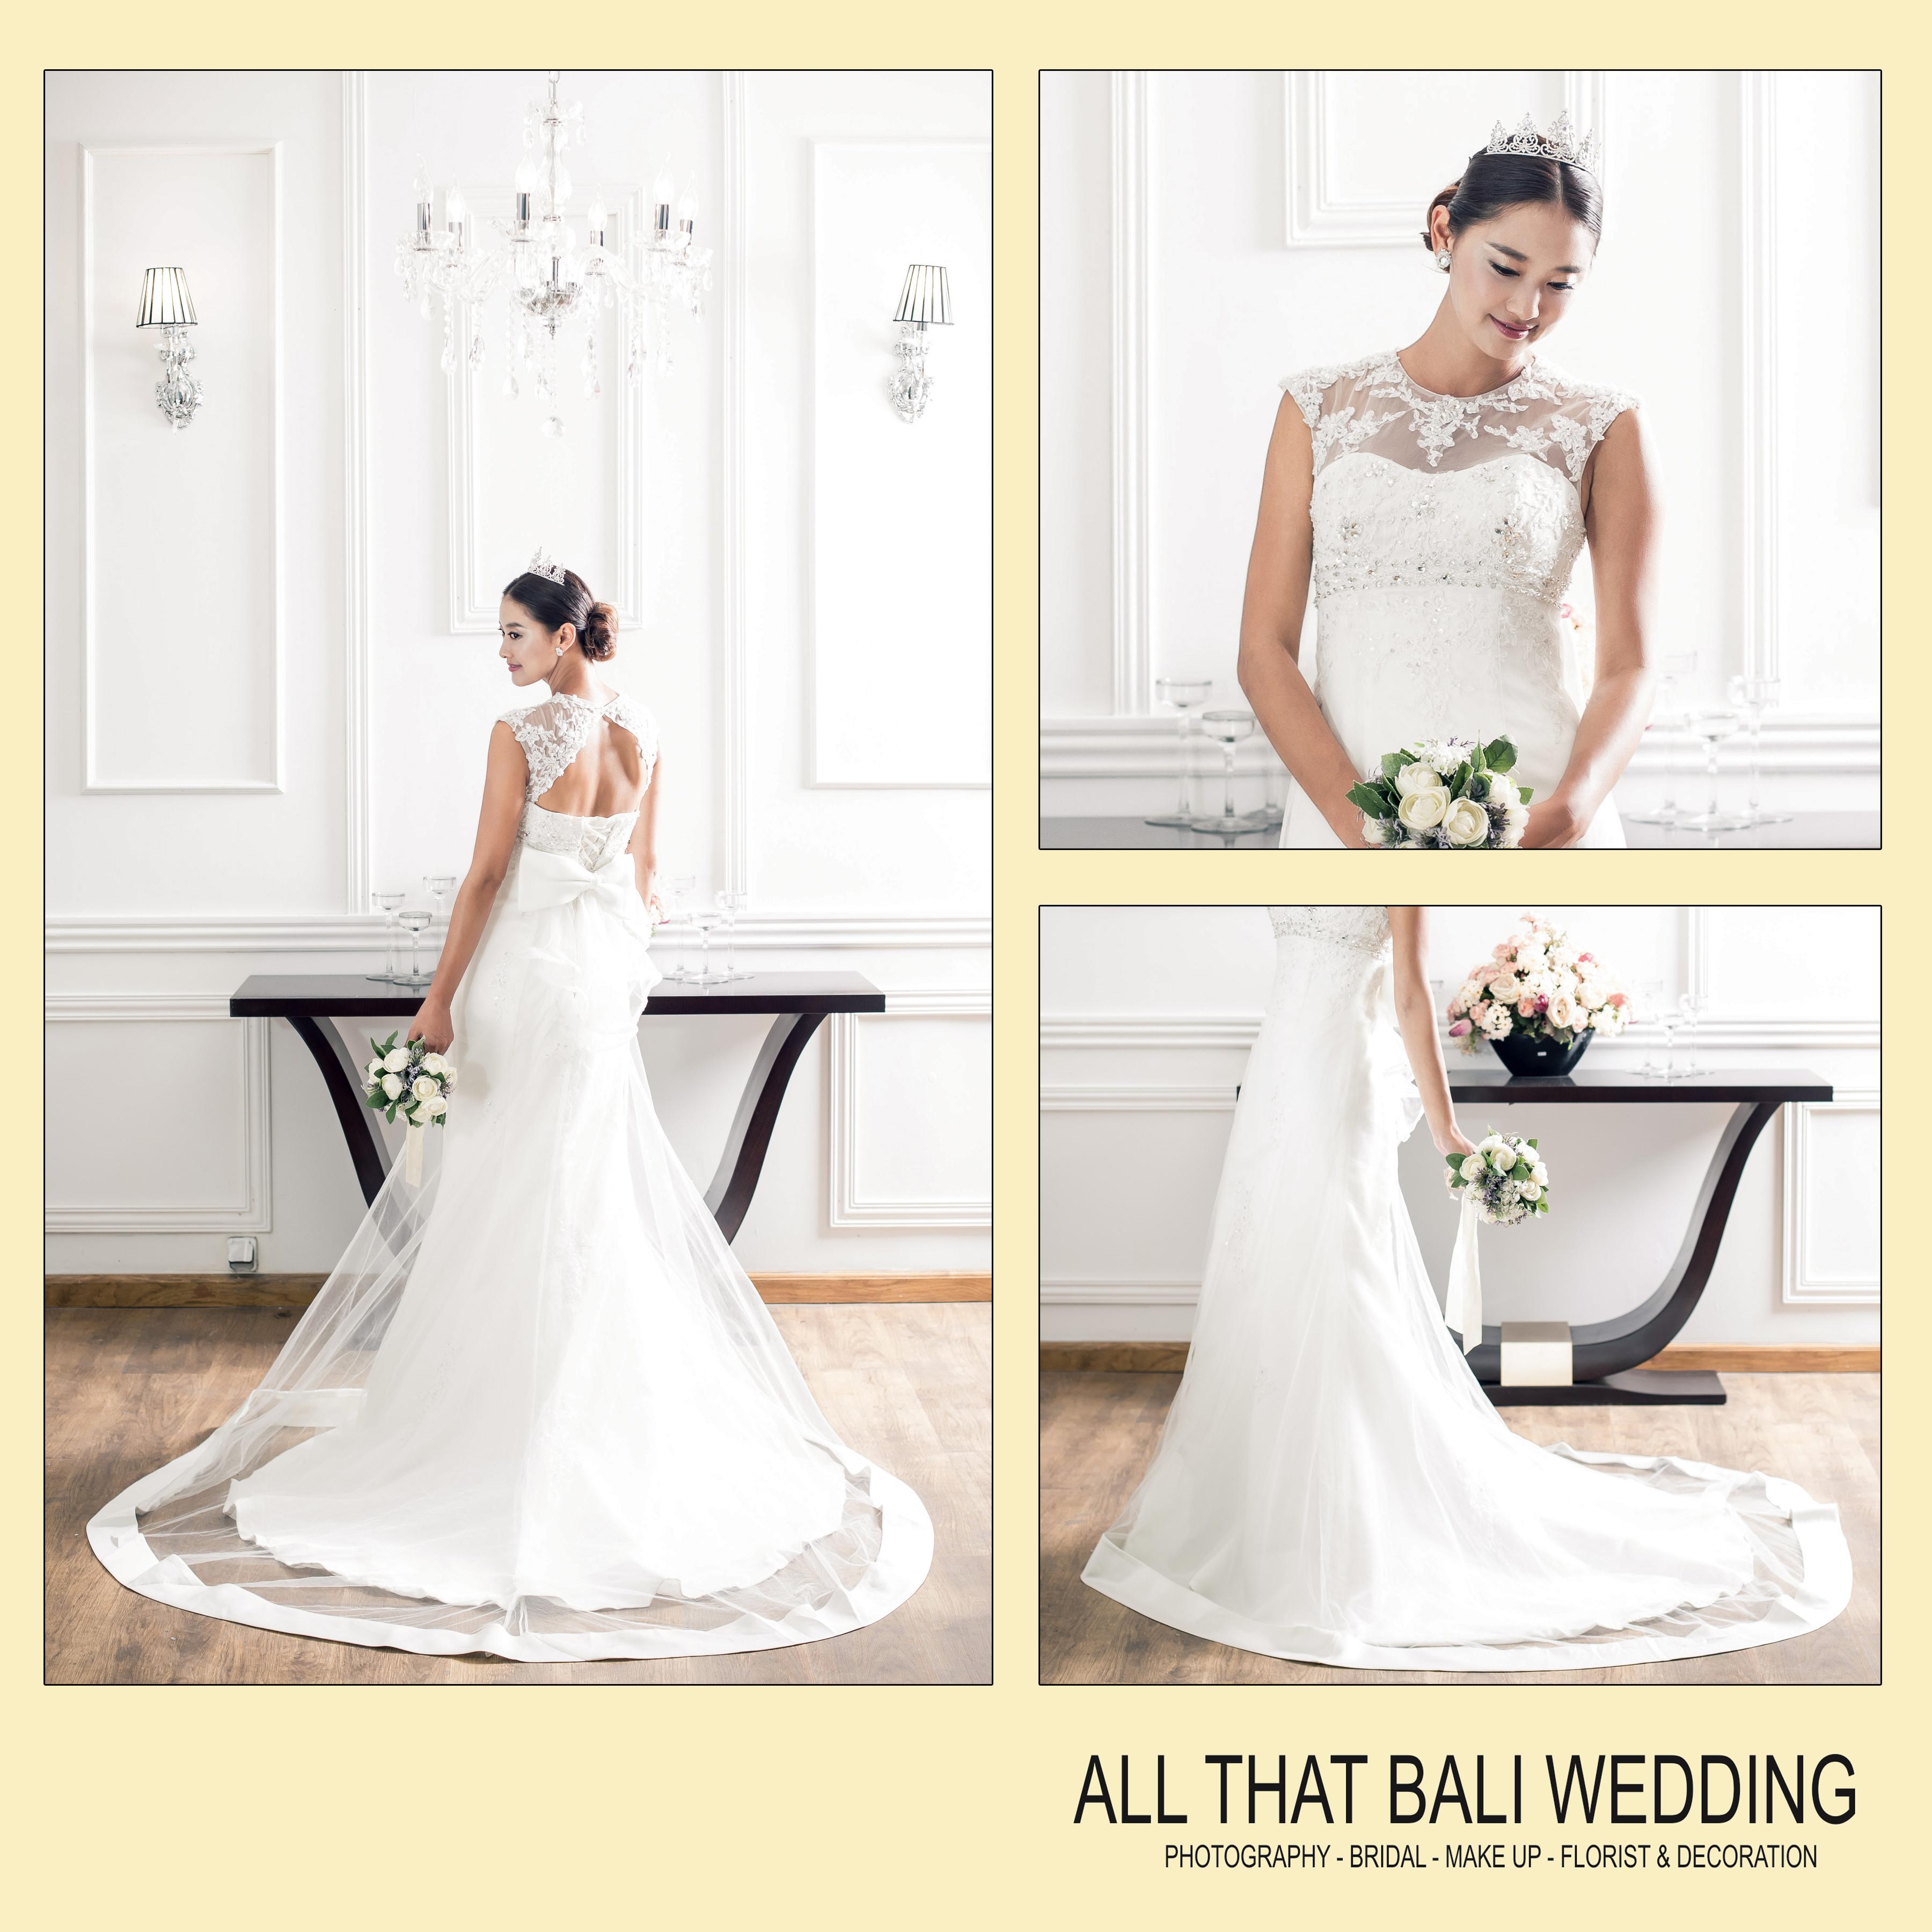 Nett Tagespost Hochzeitskleid Ideen - Brautkleider Ideen ...